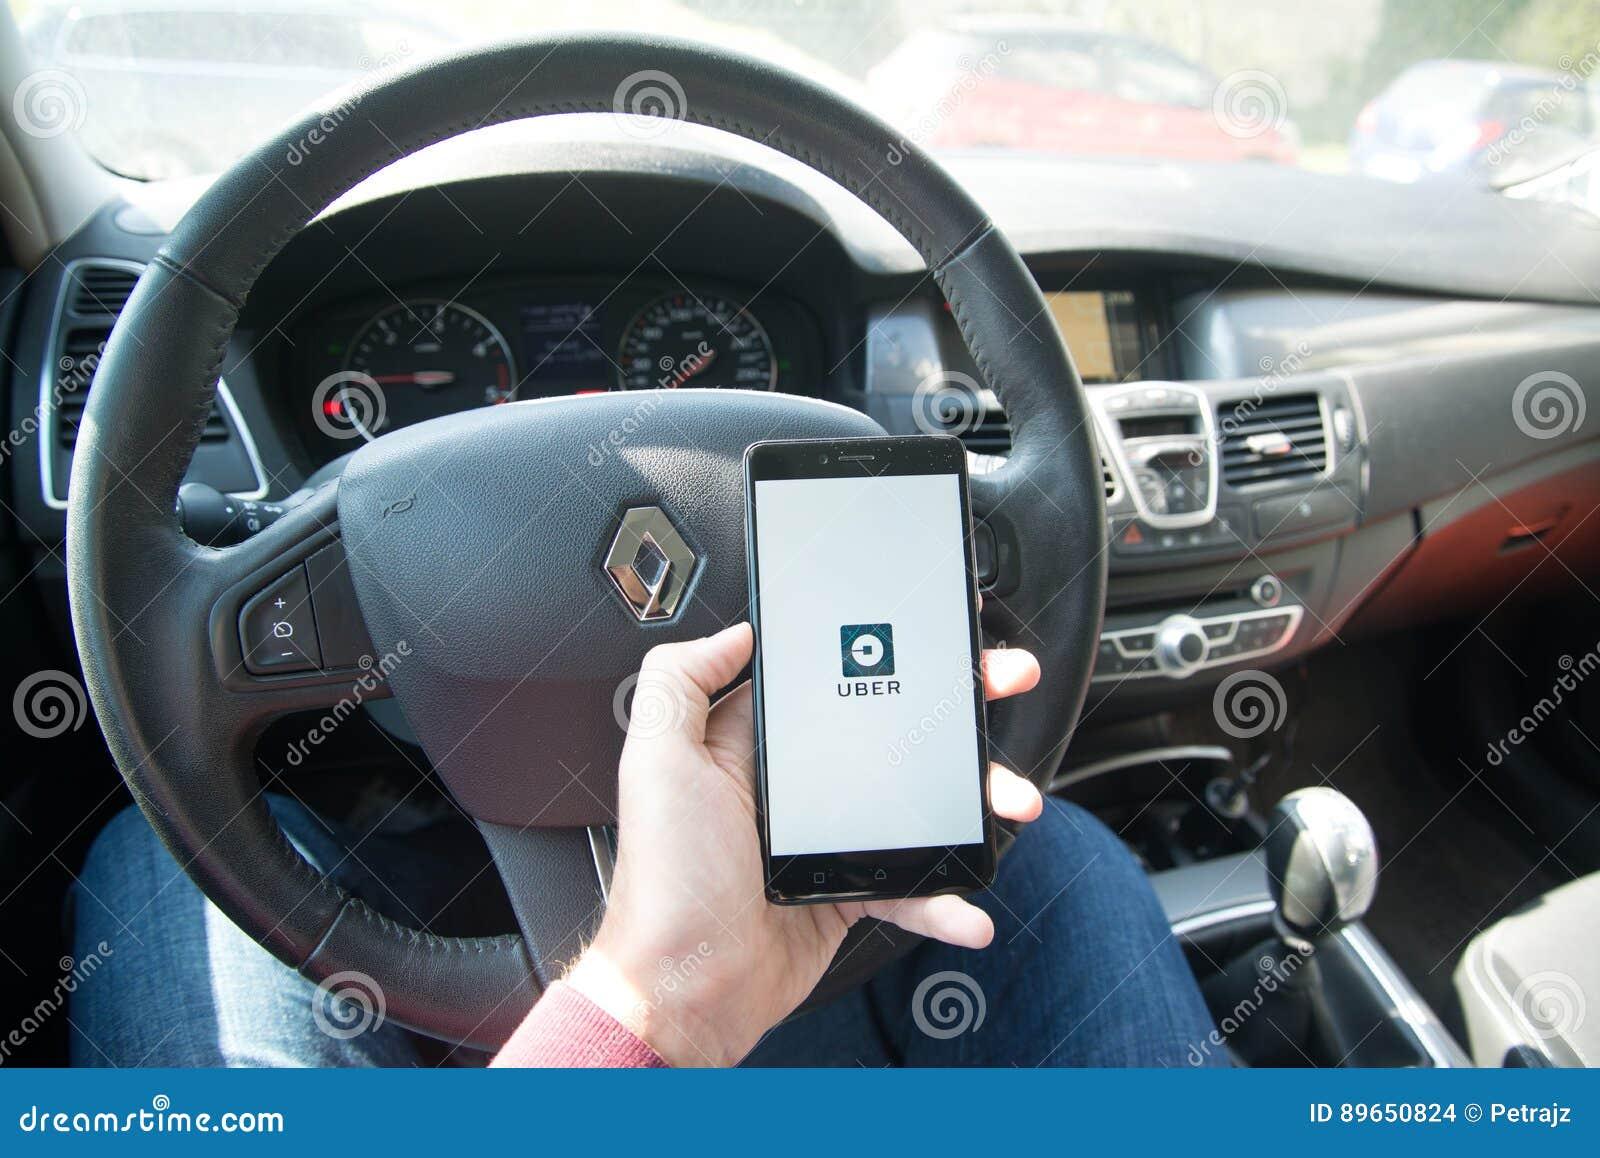 Применение Uber